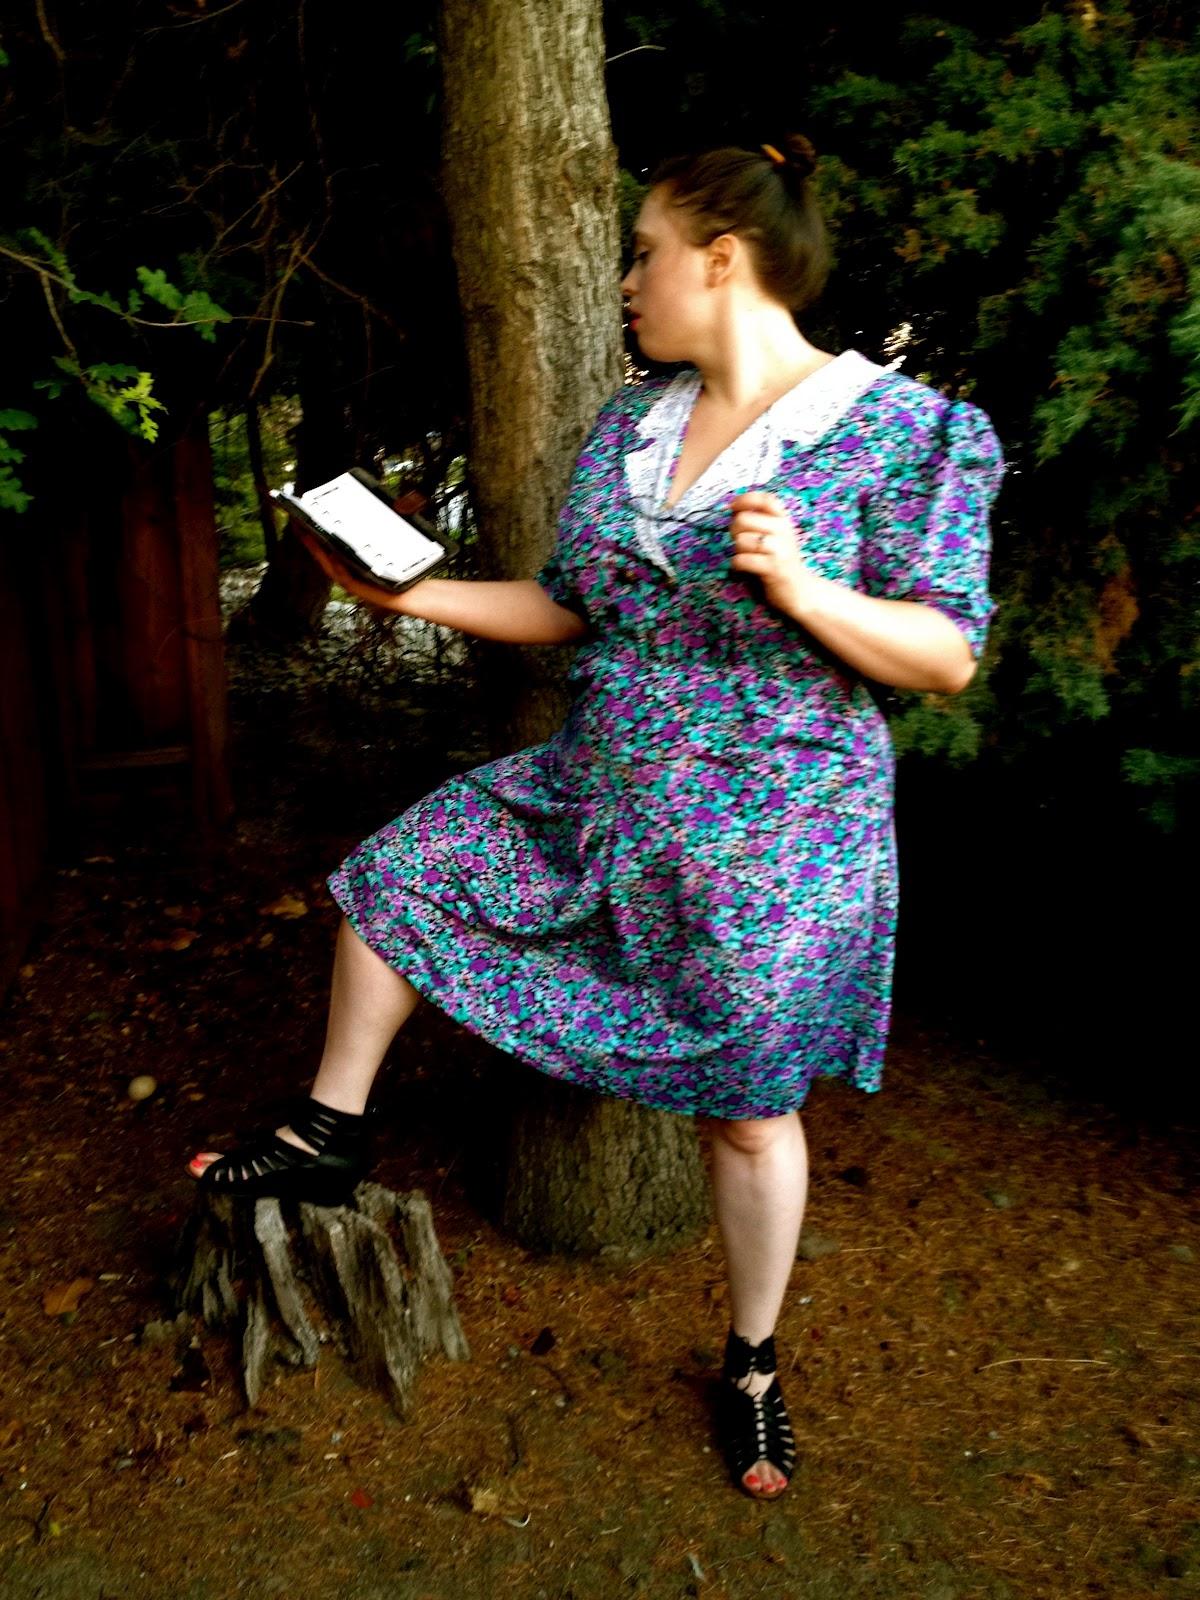 The Curvy Elle Sexy Librarian In A Secret Garden